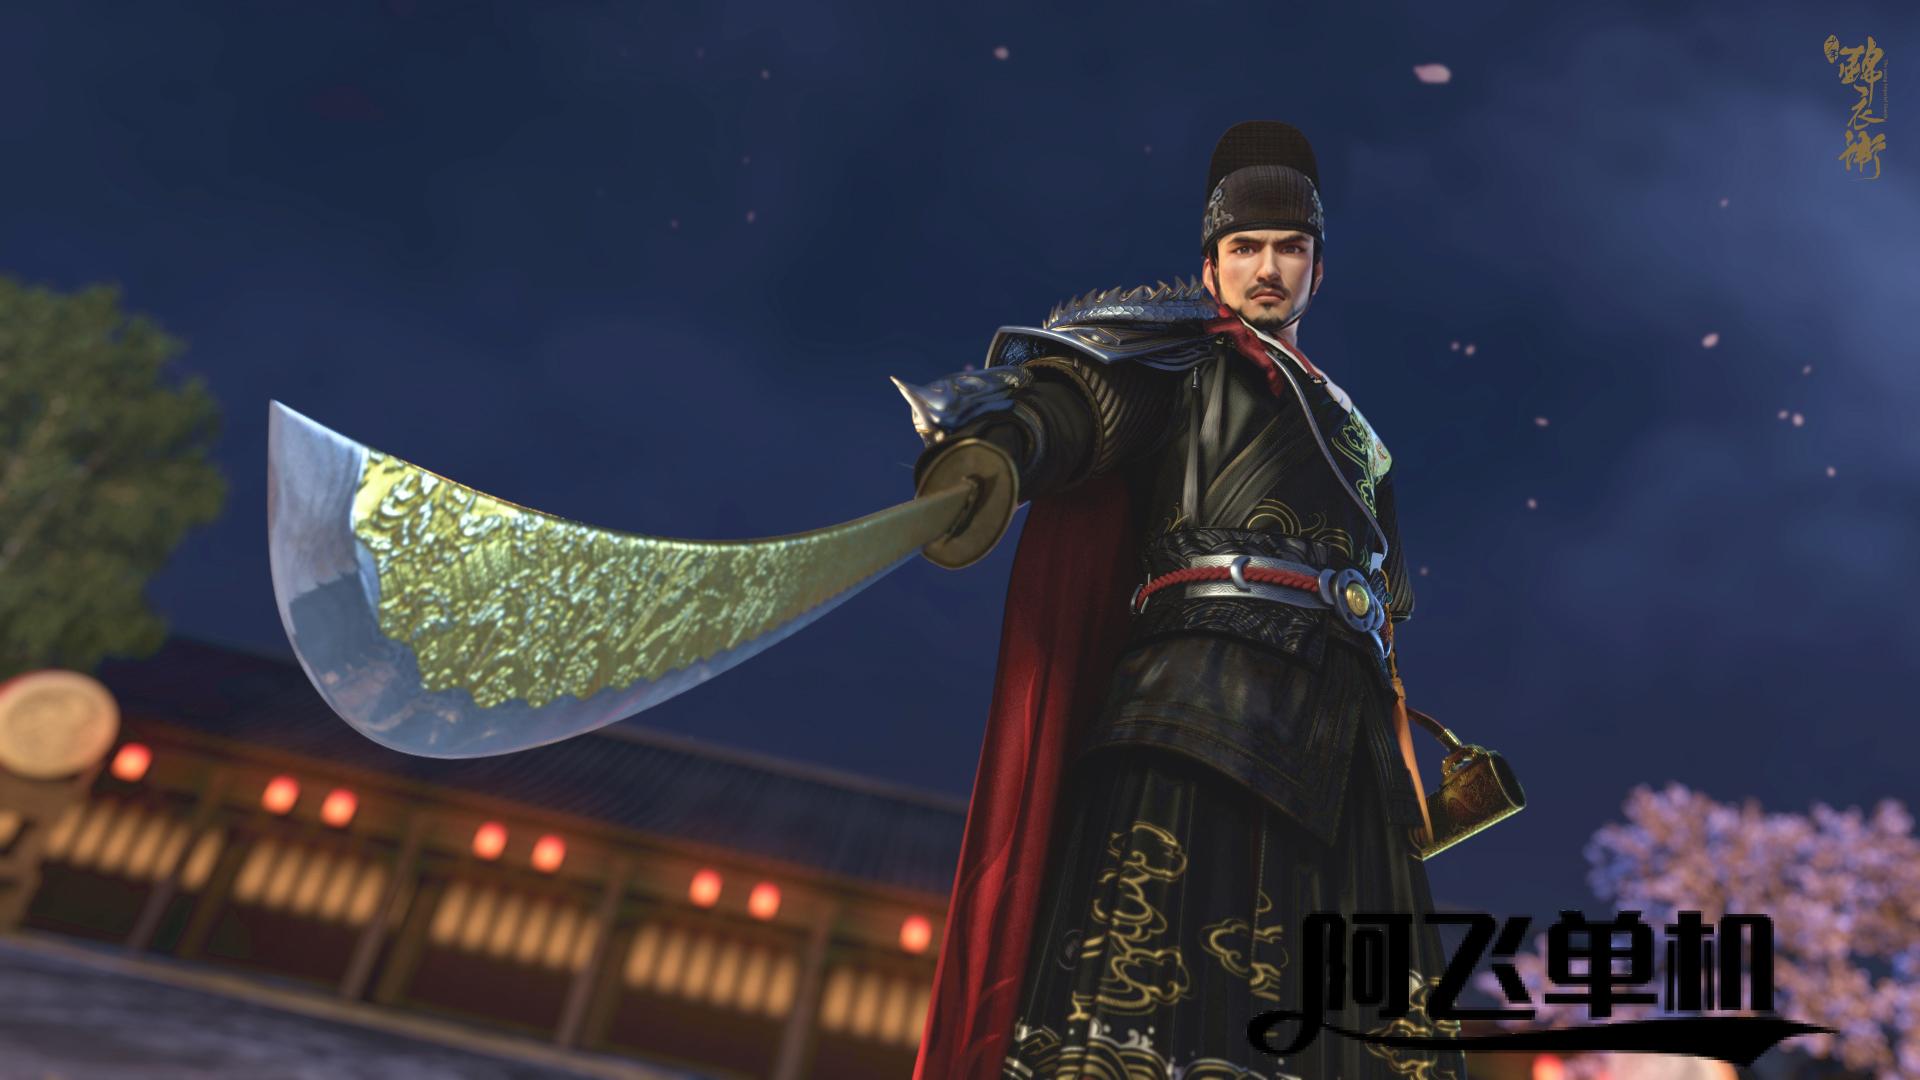 血腥RPG《黑暗子民》新预告 9月26日发布Demo